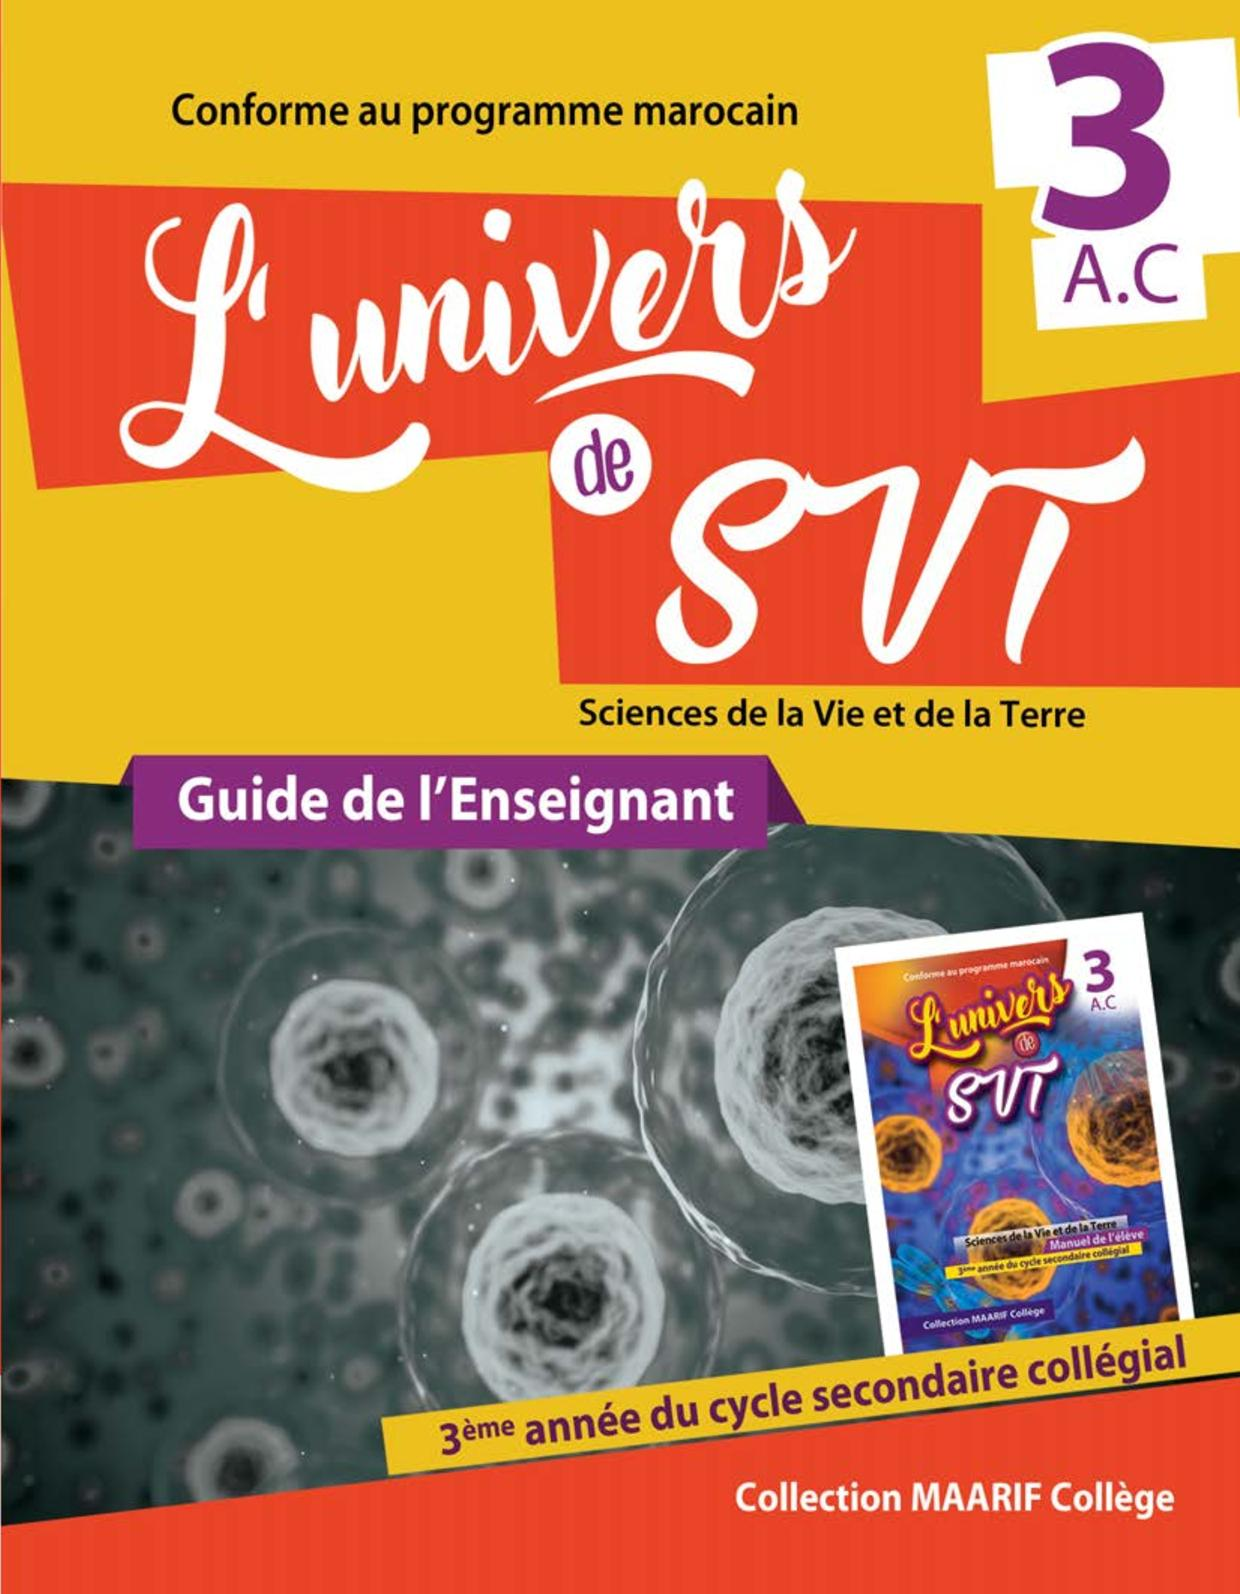 Guide L'univers Plus Svt 3ac